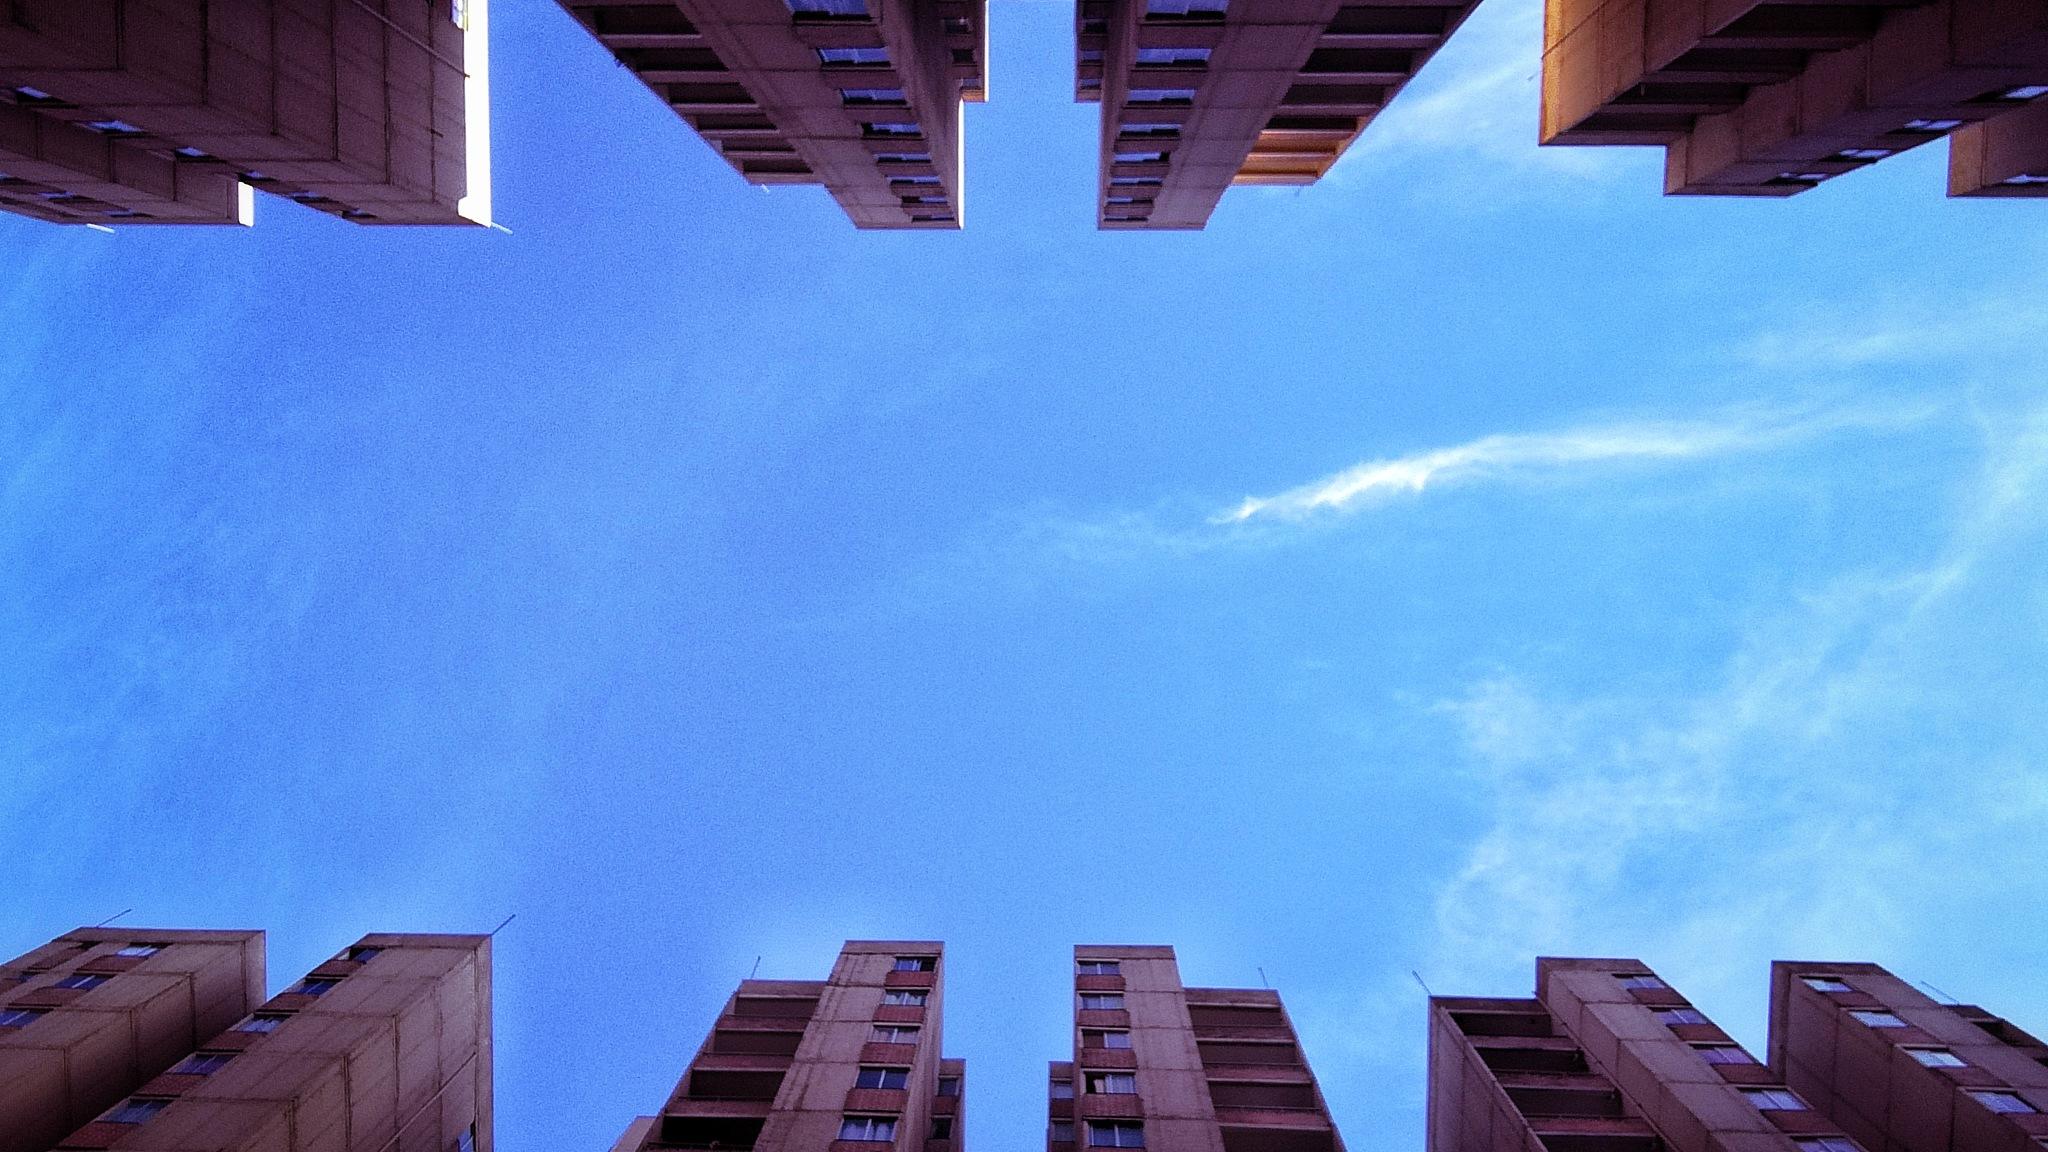 Rascacielos by Pelirroja de la cámara